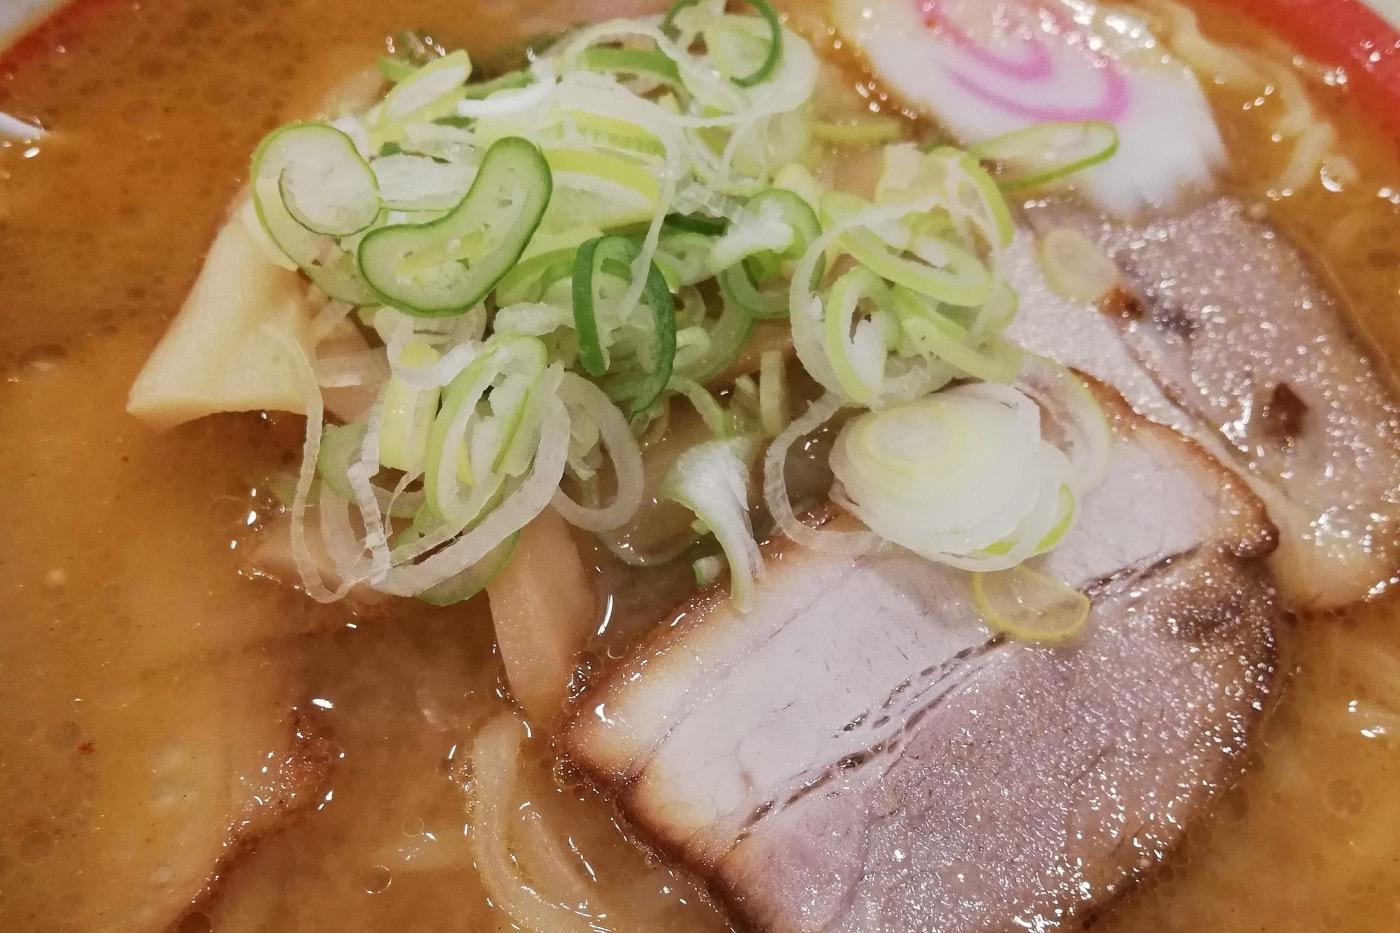 千葉駅周辺の人気ラーメン屋13選!家系からおすすめのつけ麺までご紹介